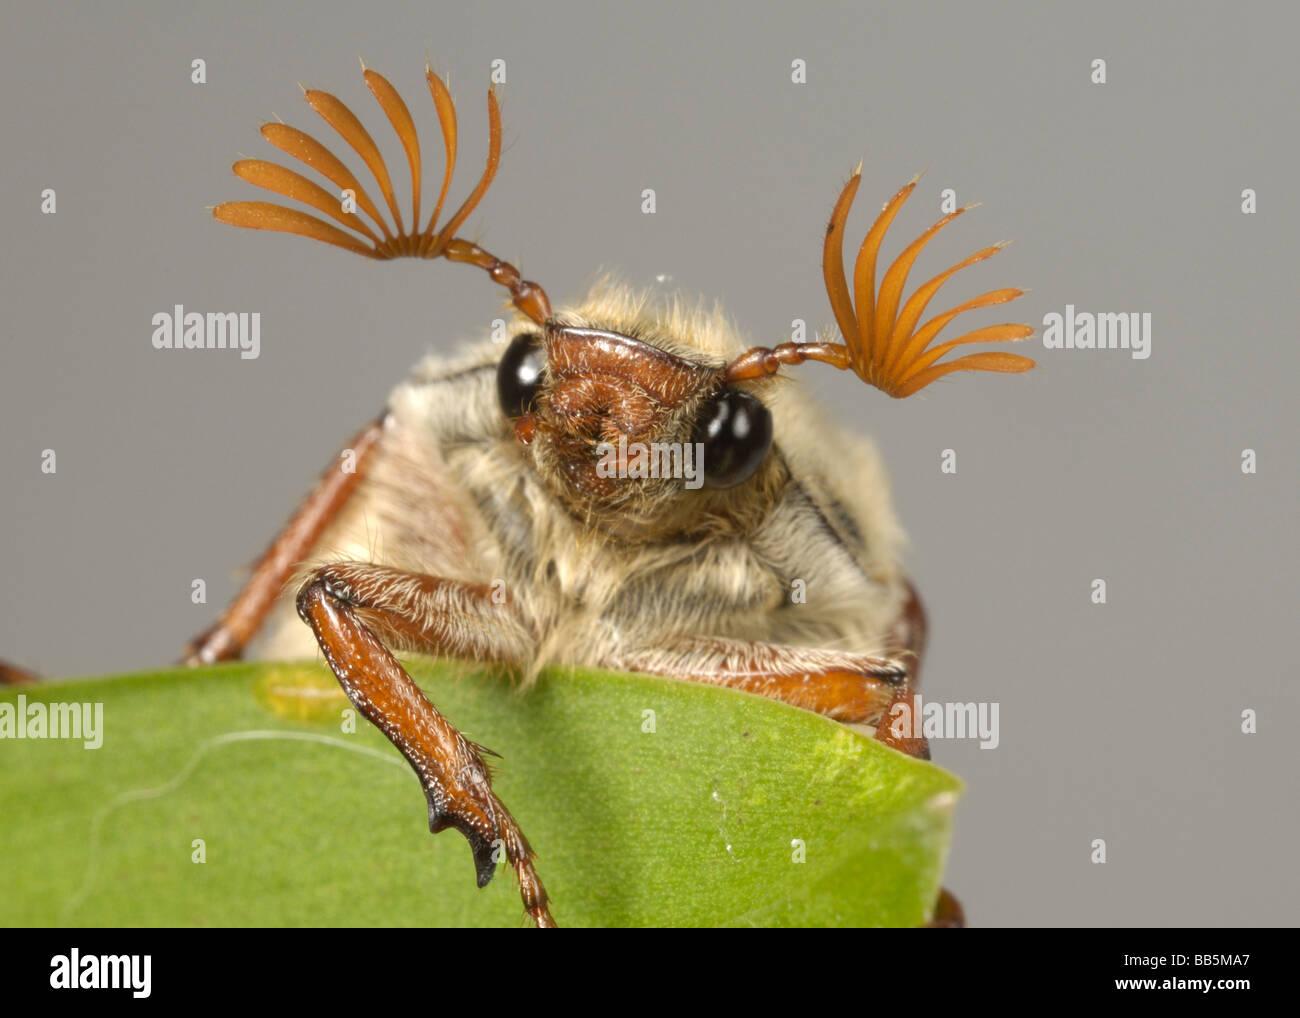 Siège et antennes d'un adulte cockchafer Melolontha melolontha ou bug on a leaf Banque D'Images